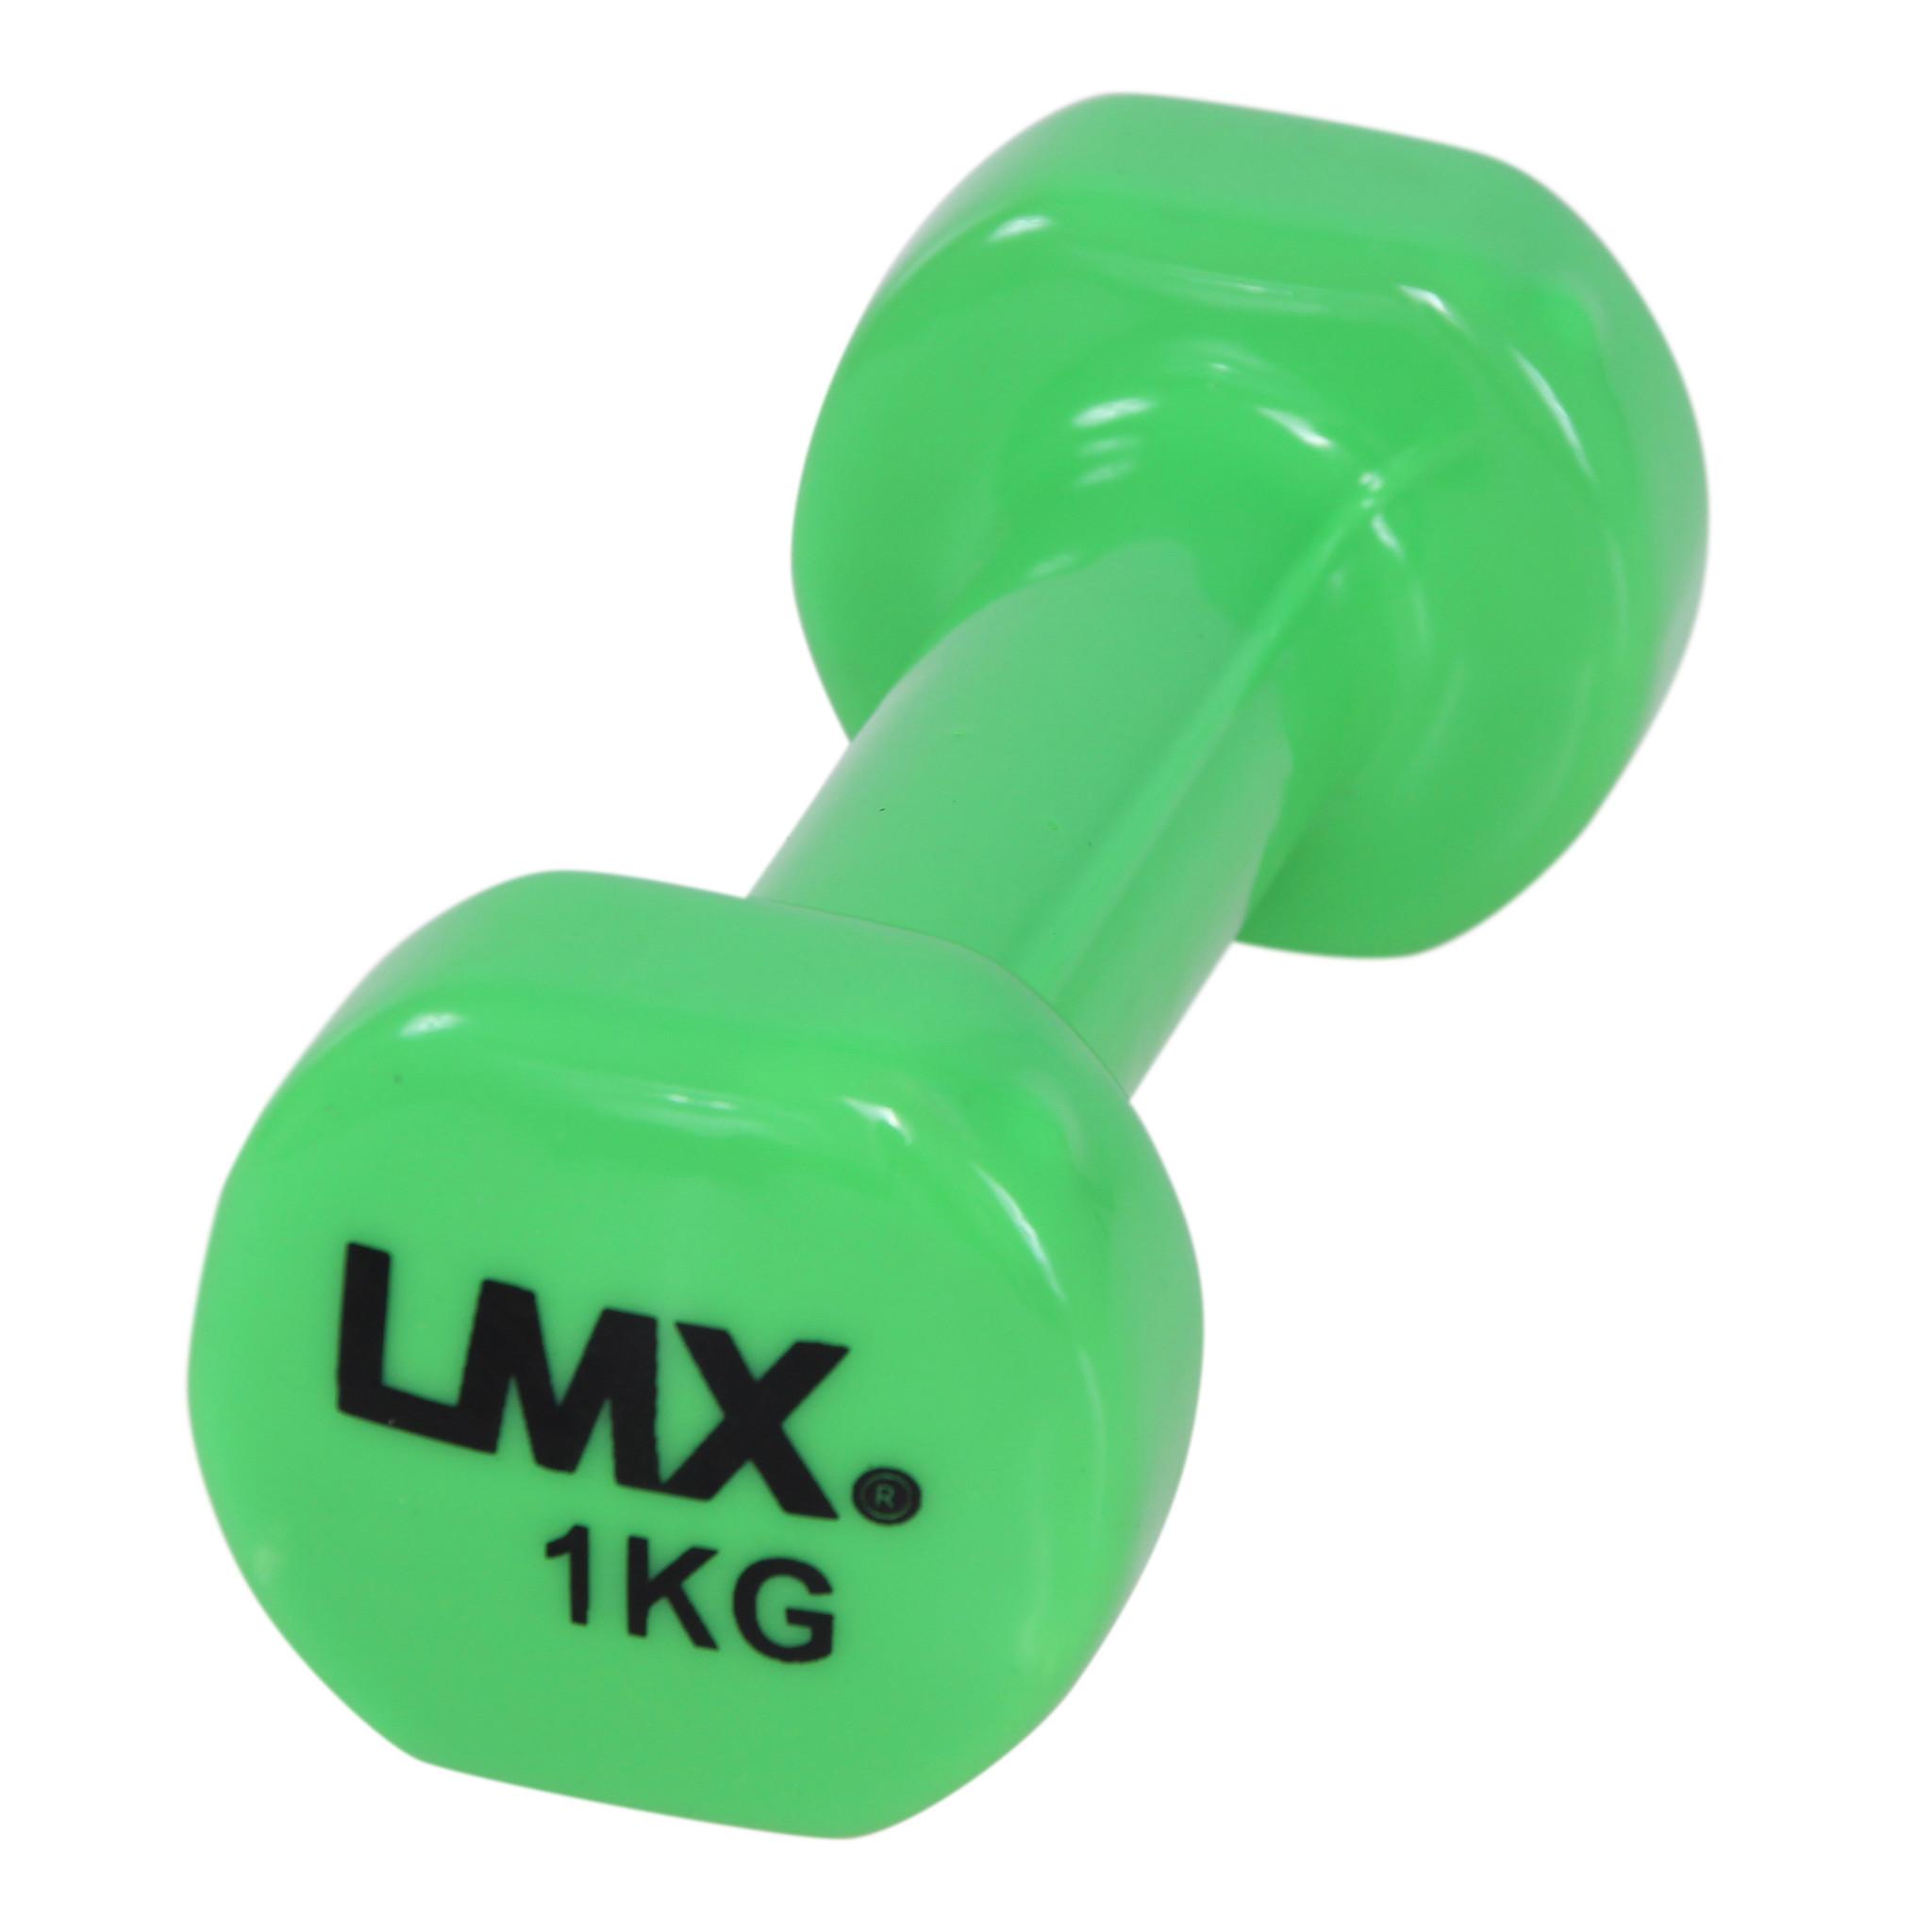 Lmx vinyl dumbbell 1kg